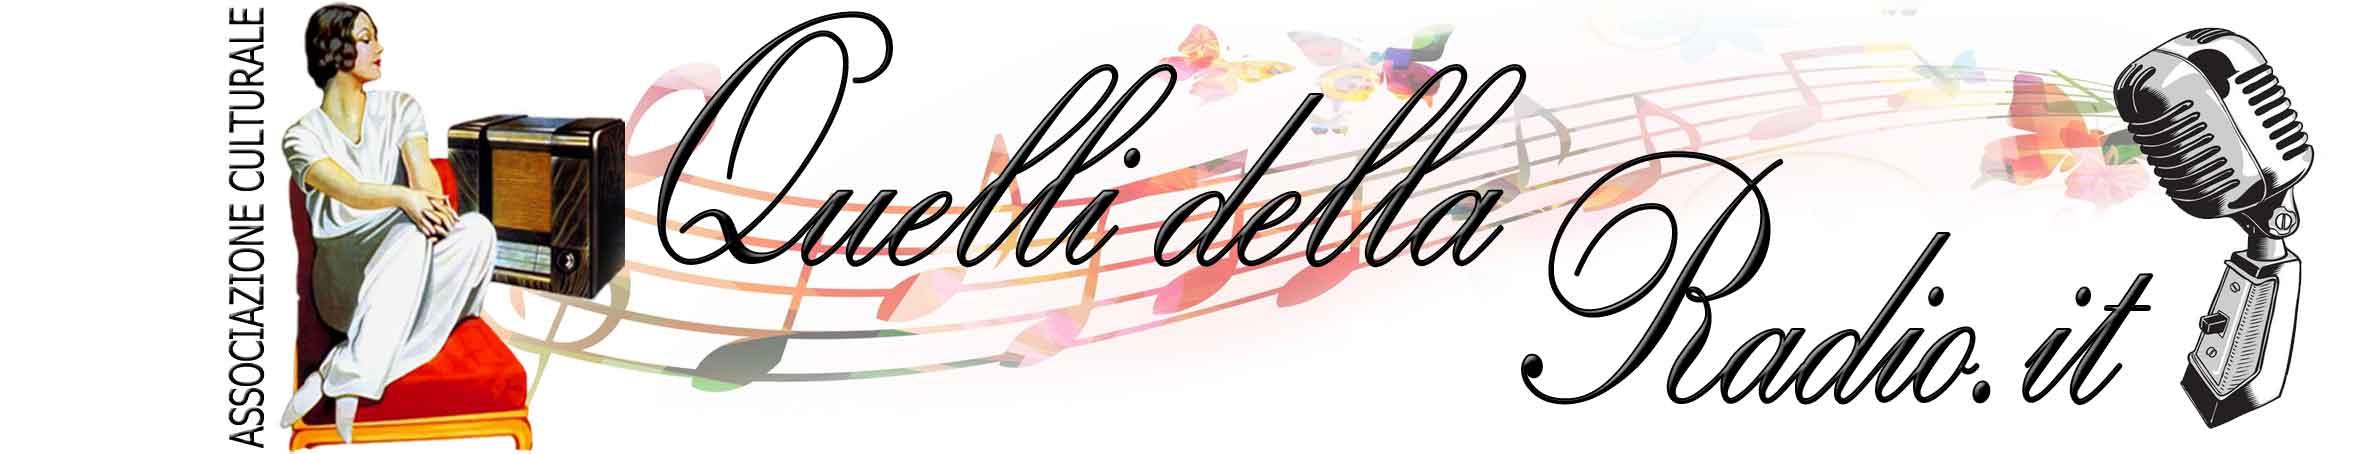 www.quellidellaradio.it